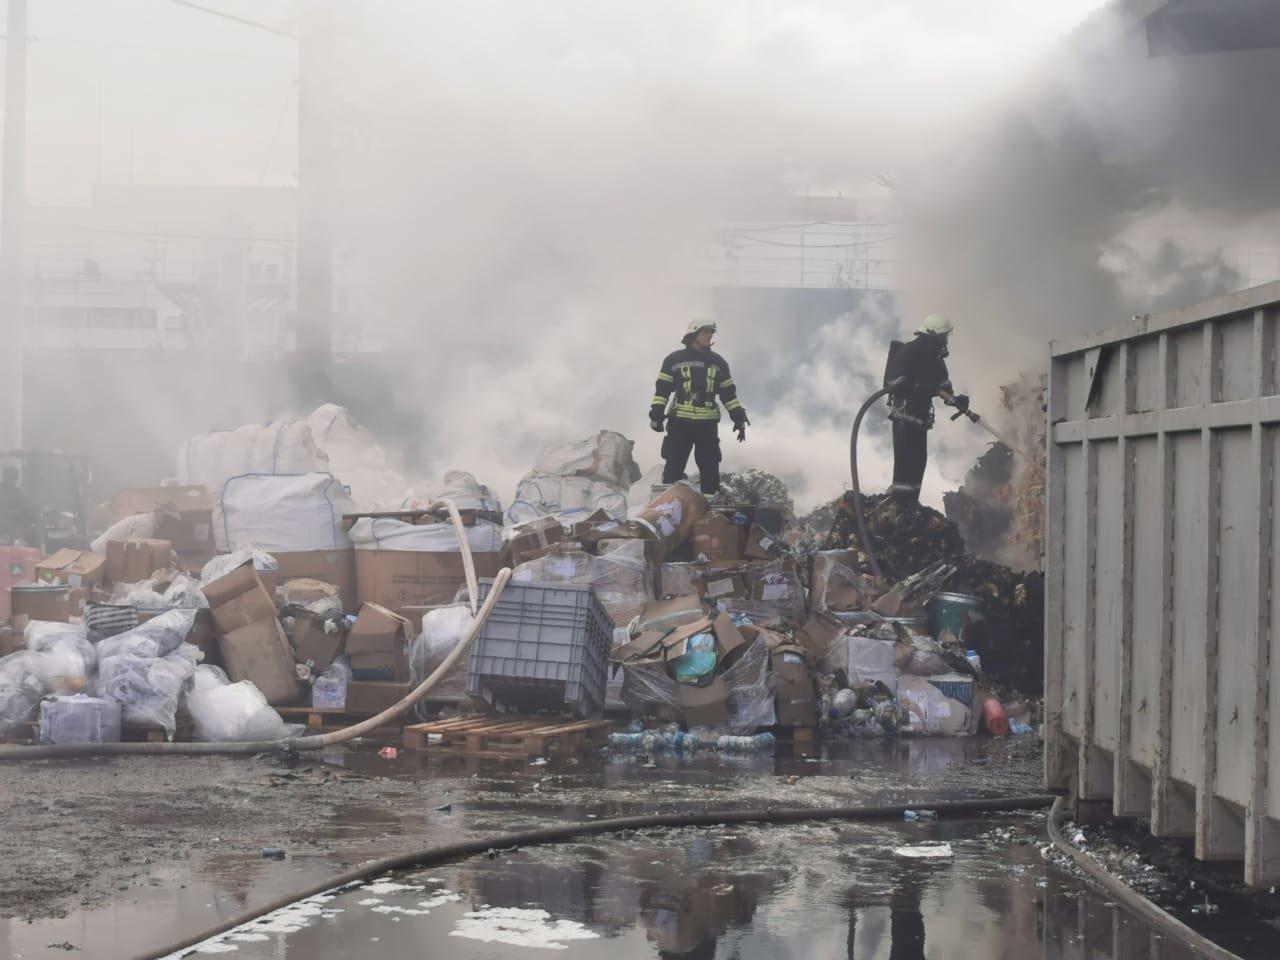 Пожар на предприятии с химикатами под Киевом: есть пострадавшие, ВИДЕО, ФОТО, фото-4